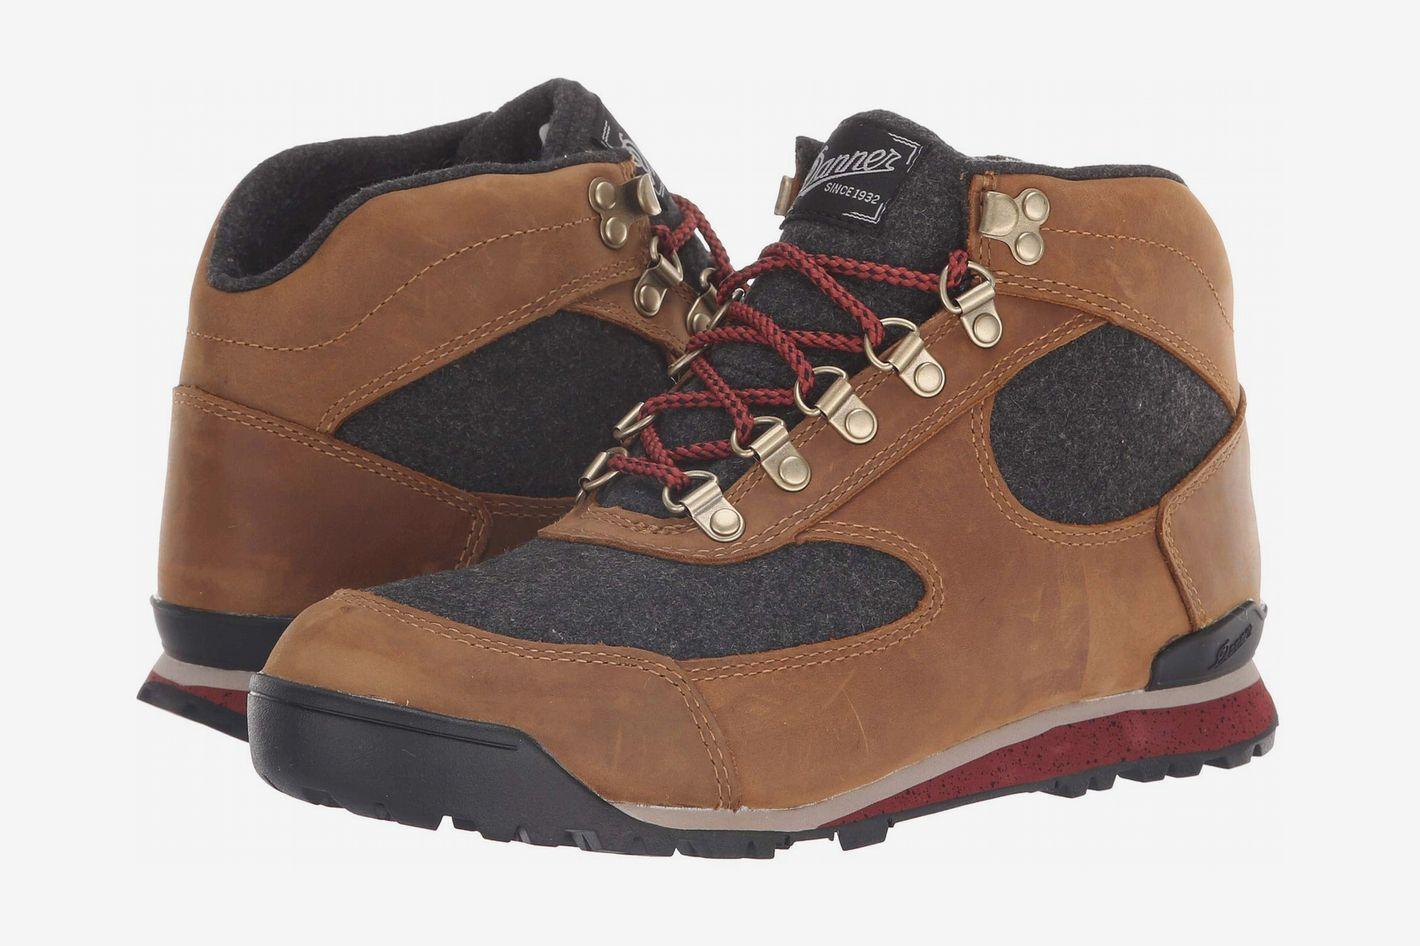 DannerJag Wool Women's Boots